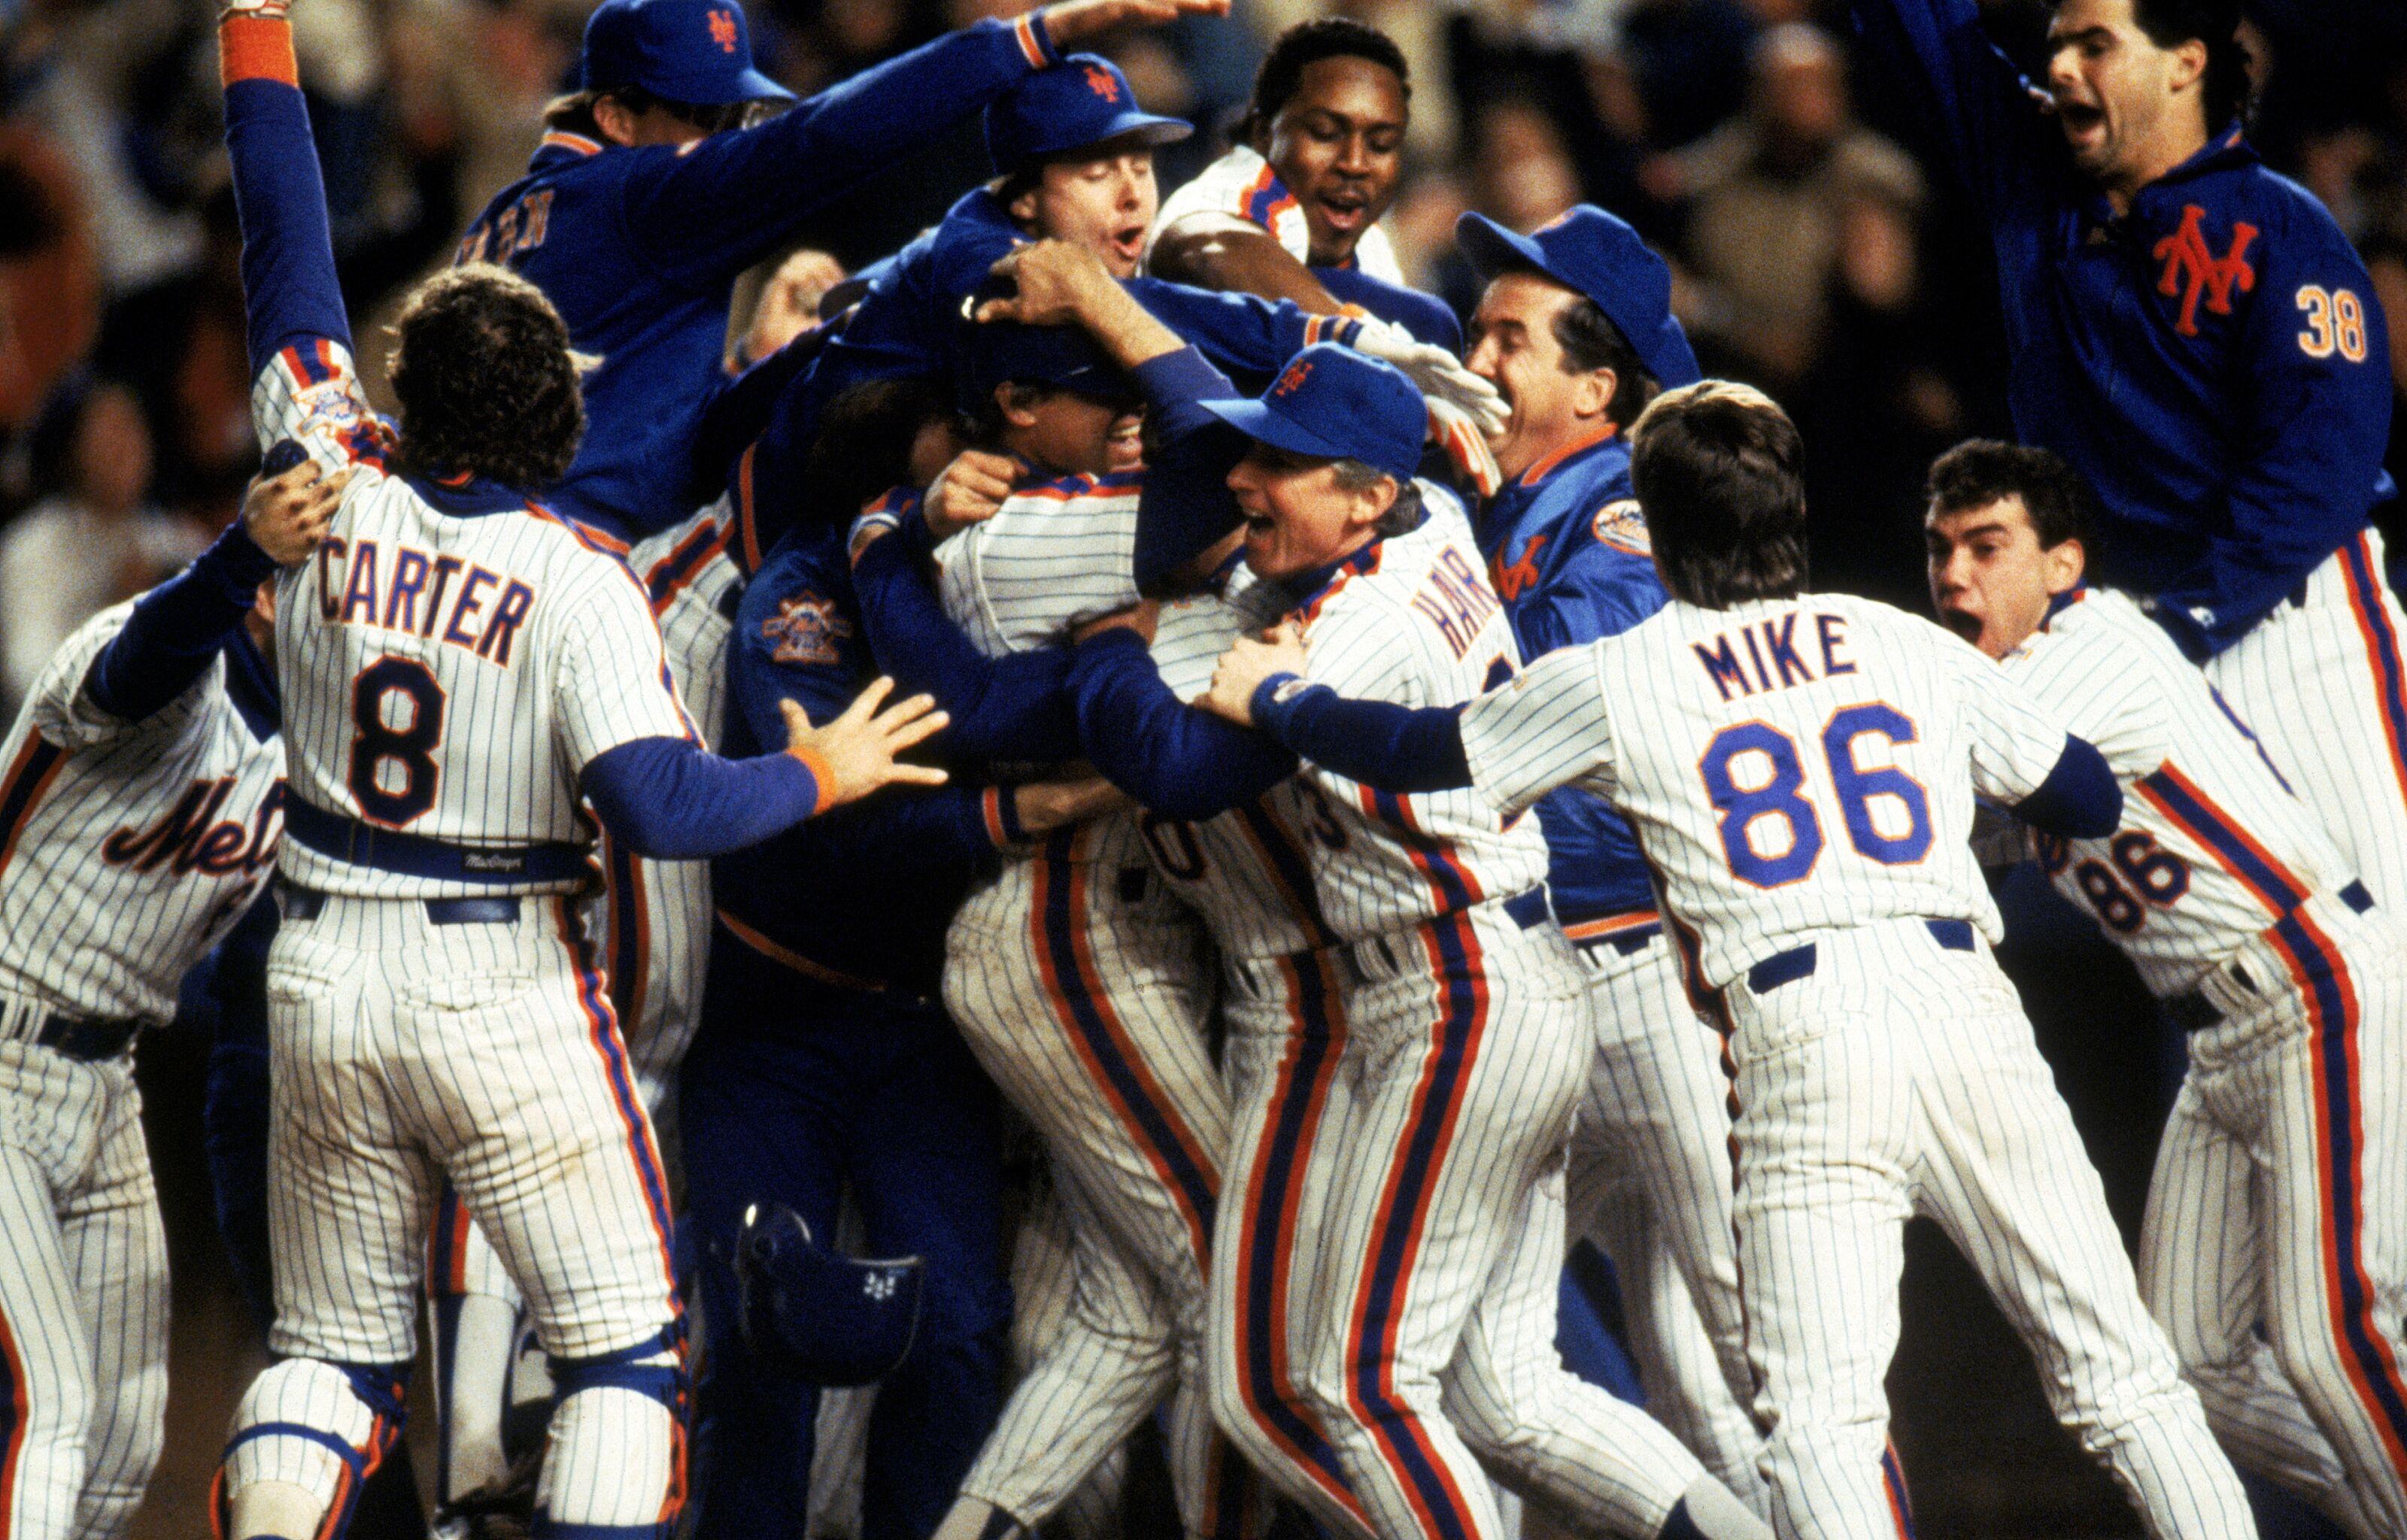 New York Mets: Mel Stottlemyer passes away as New York legend